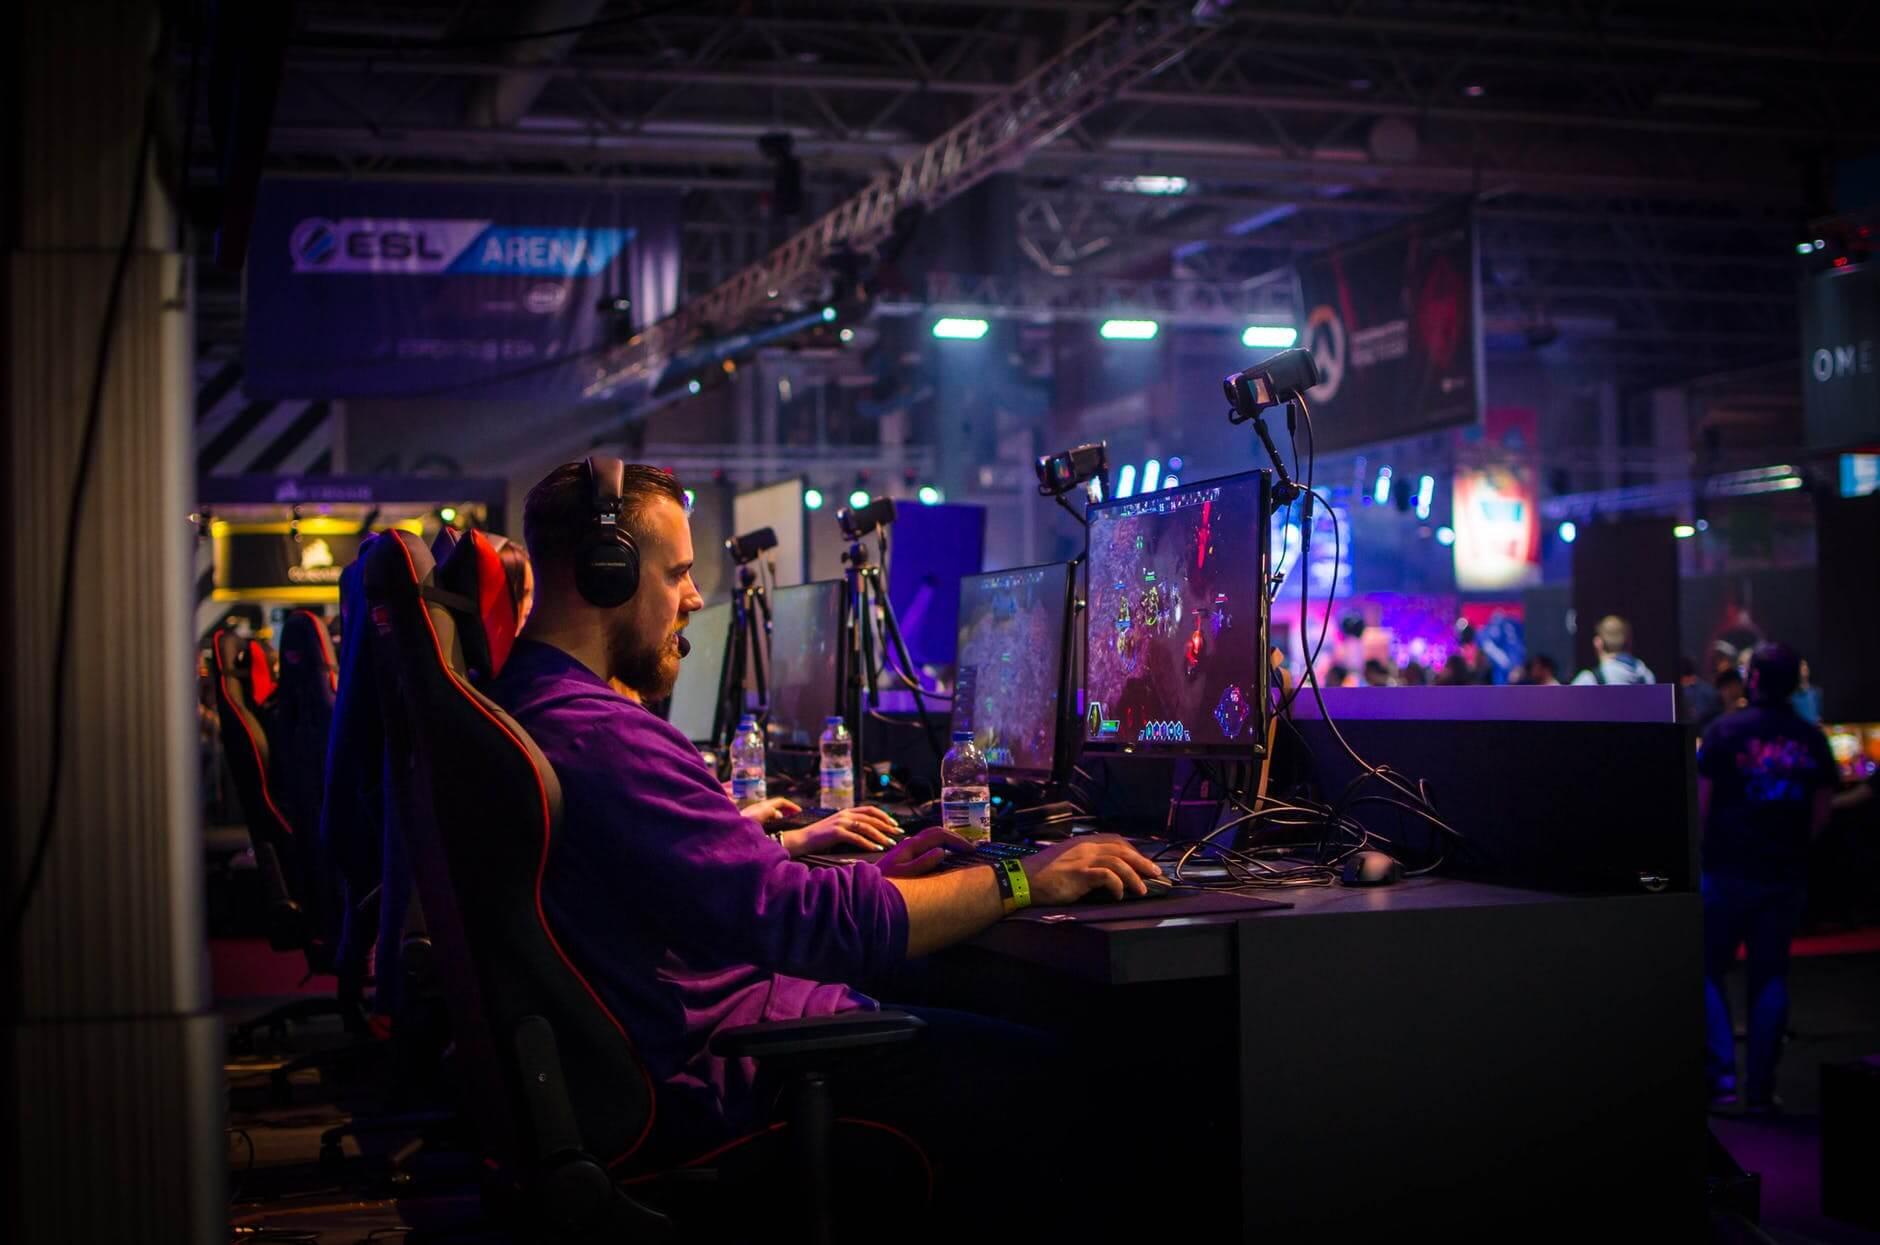 Gameri, ovo je vaša prilika: Hrvatska dobiva svoju središnjicu gaming industrije